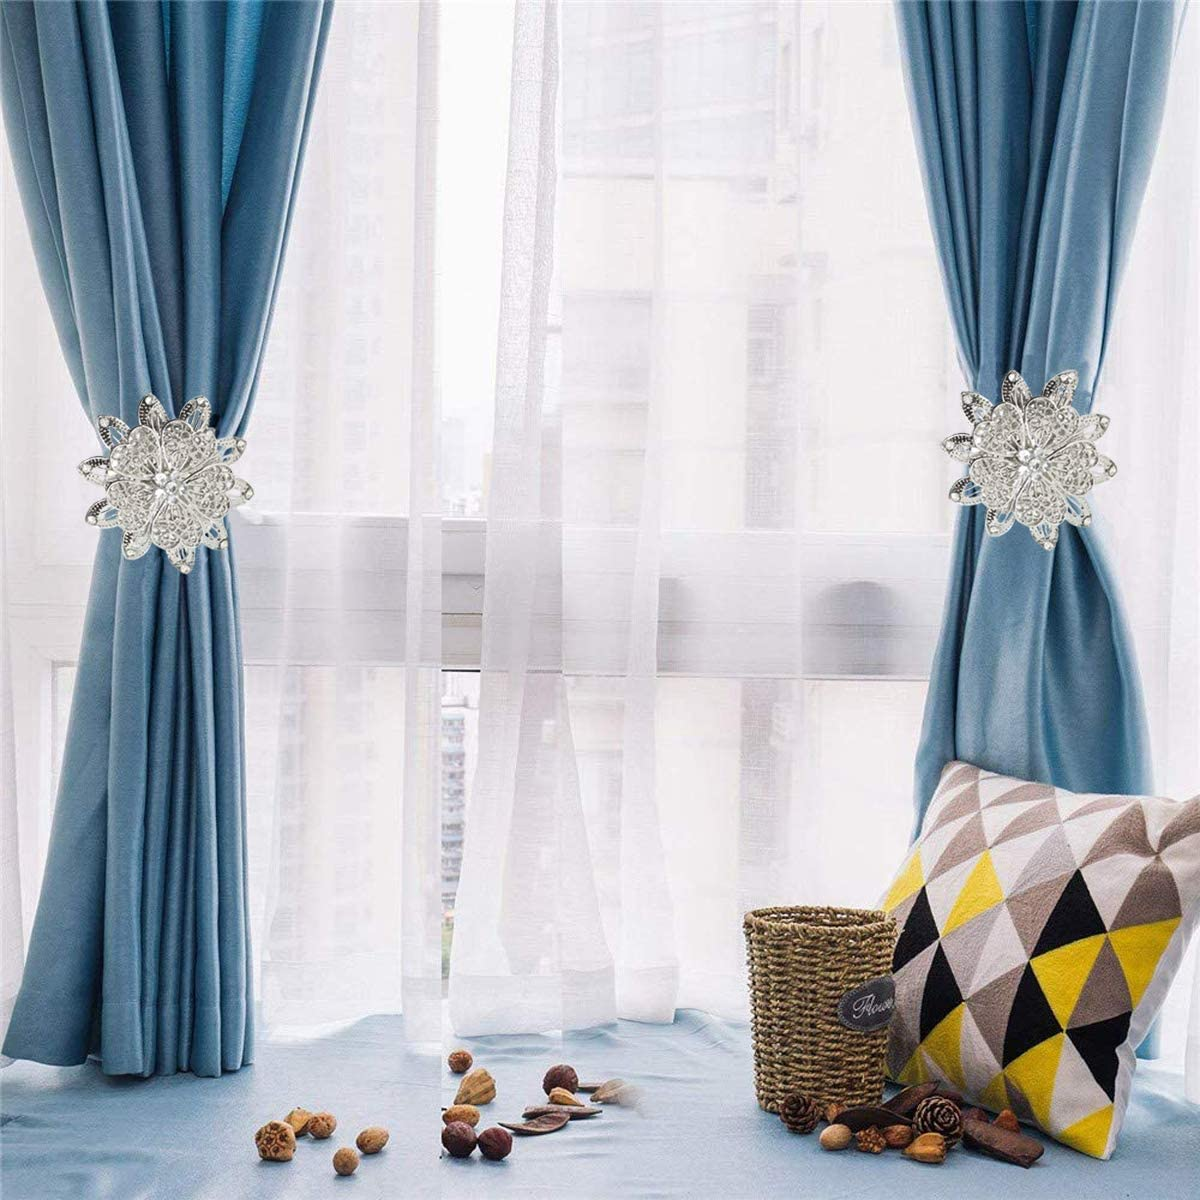 Home-Office-Schlafzimmer 2 Packungen Grau Pflaumenhaken Vorhang-Raffhalter starke Seilschnallen Magnetische Vorhang-Raffhalter dekorative R/ückhaltevorrichtungen mit strapazierf/ähigem Metall